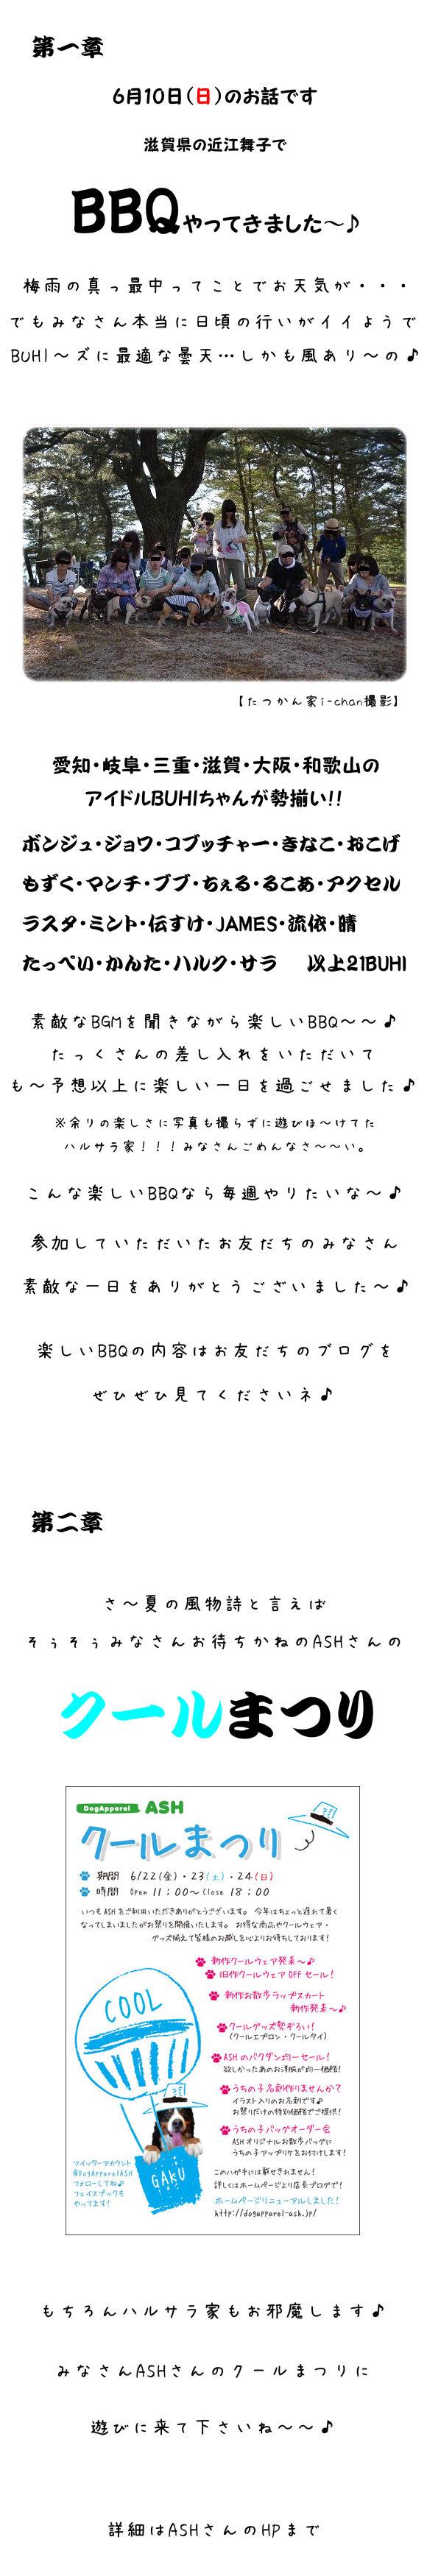 琵琶湖の2大イベント♪